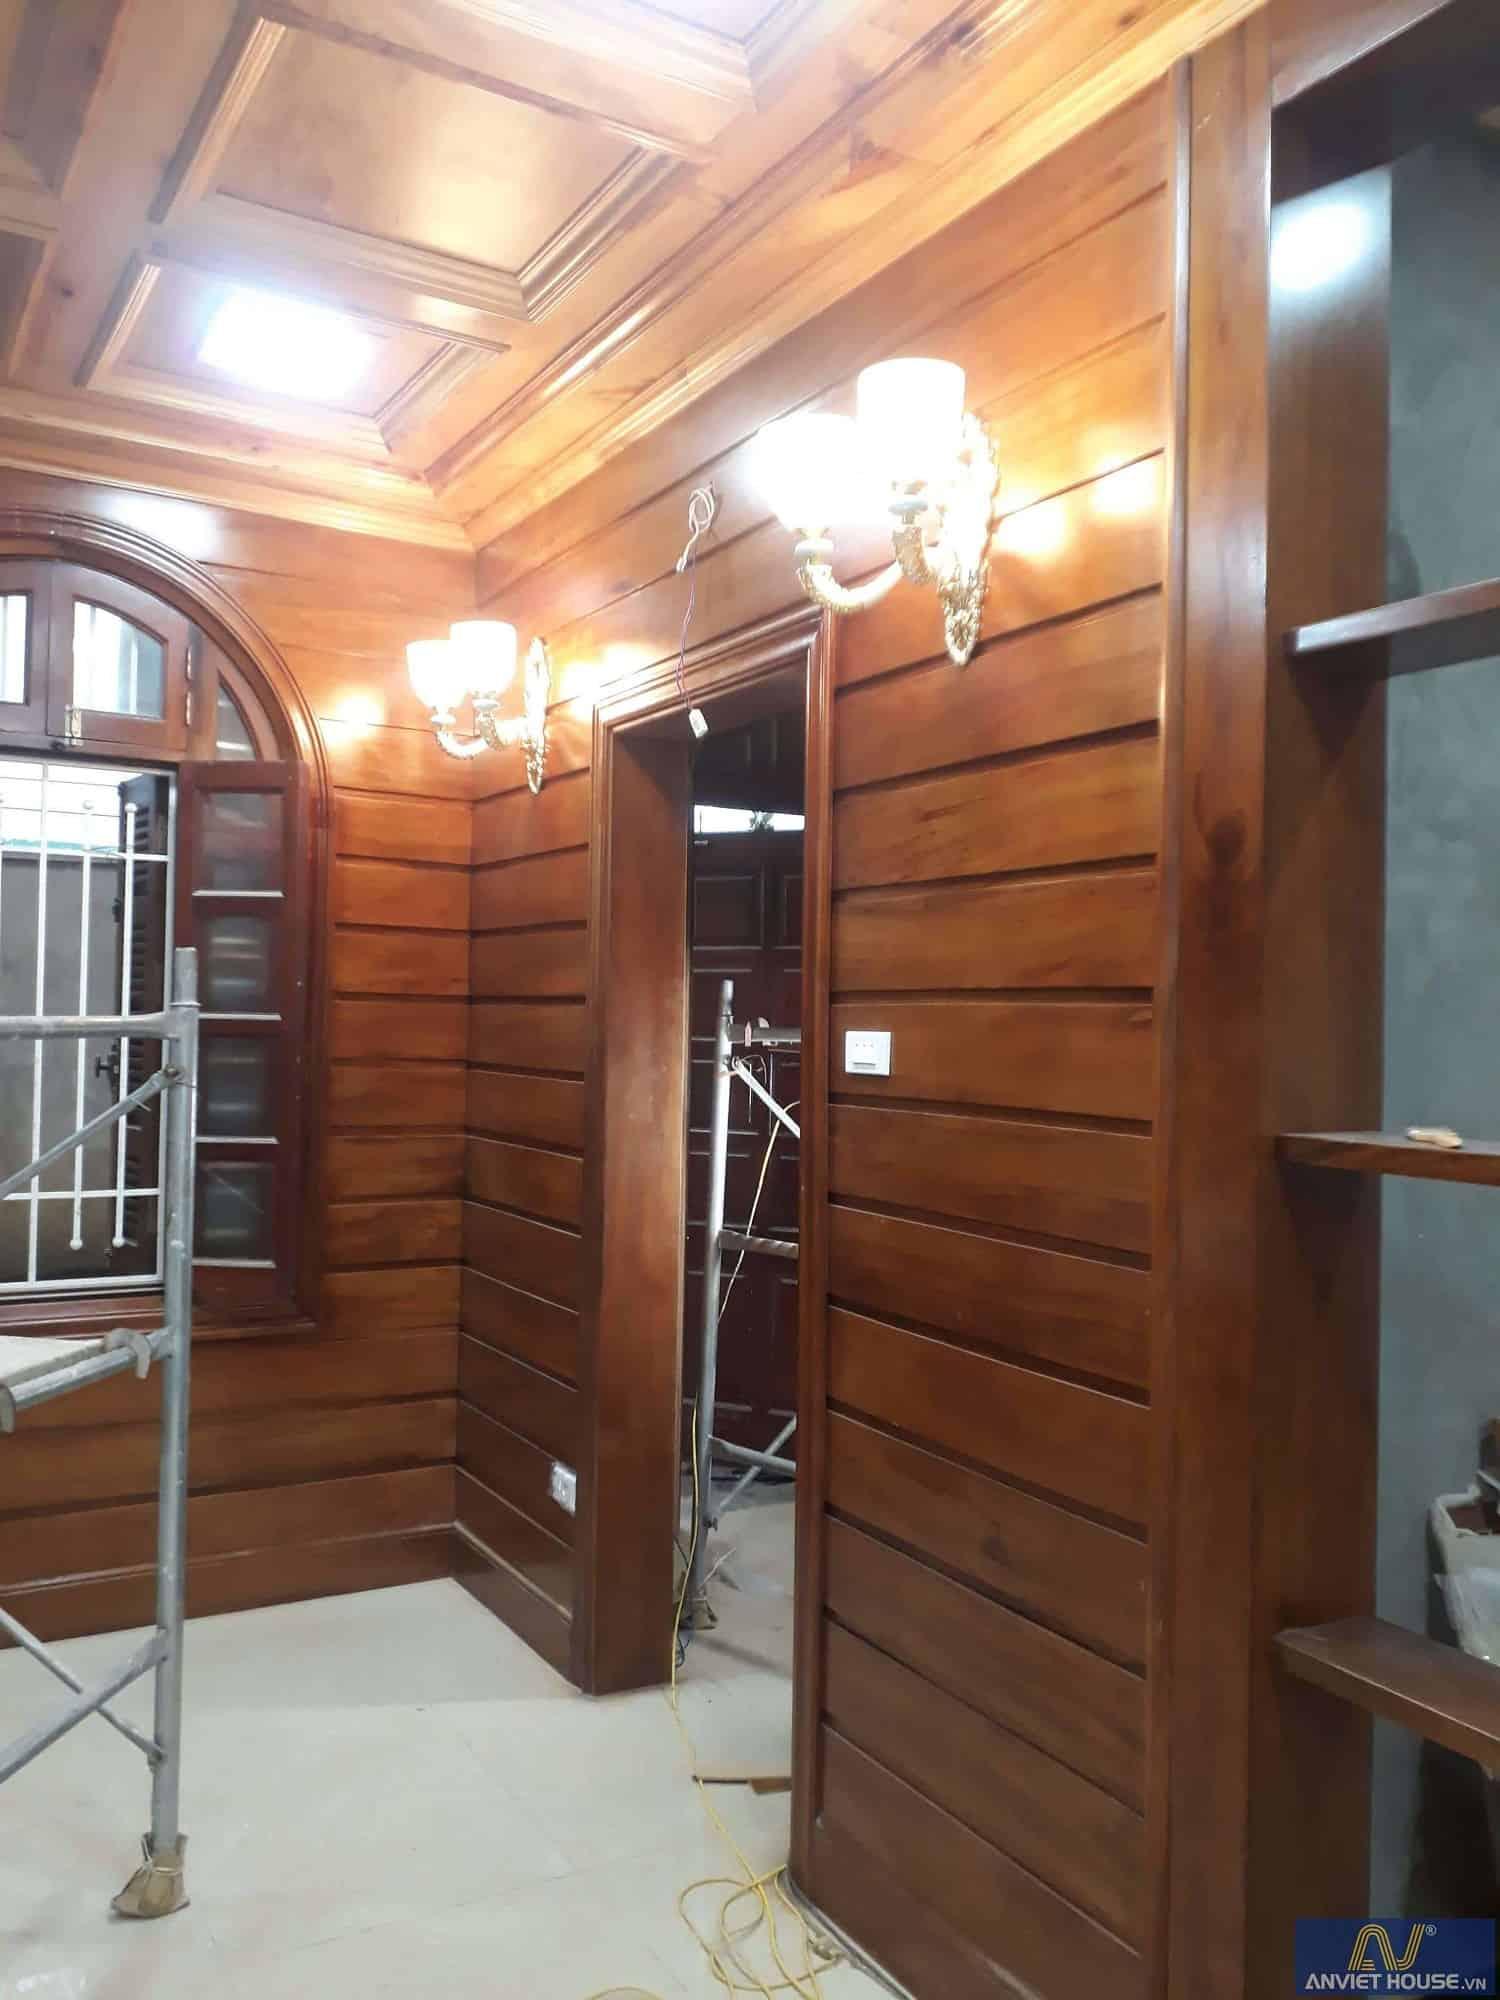 thi công nội thất gỗ tự nhiên cho phòng khách